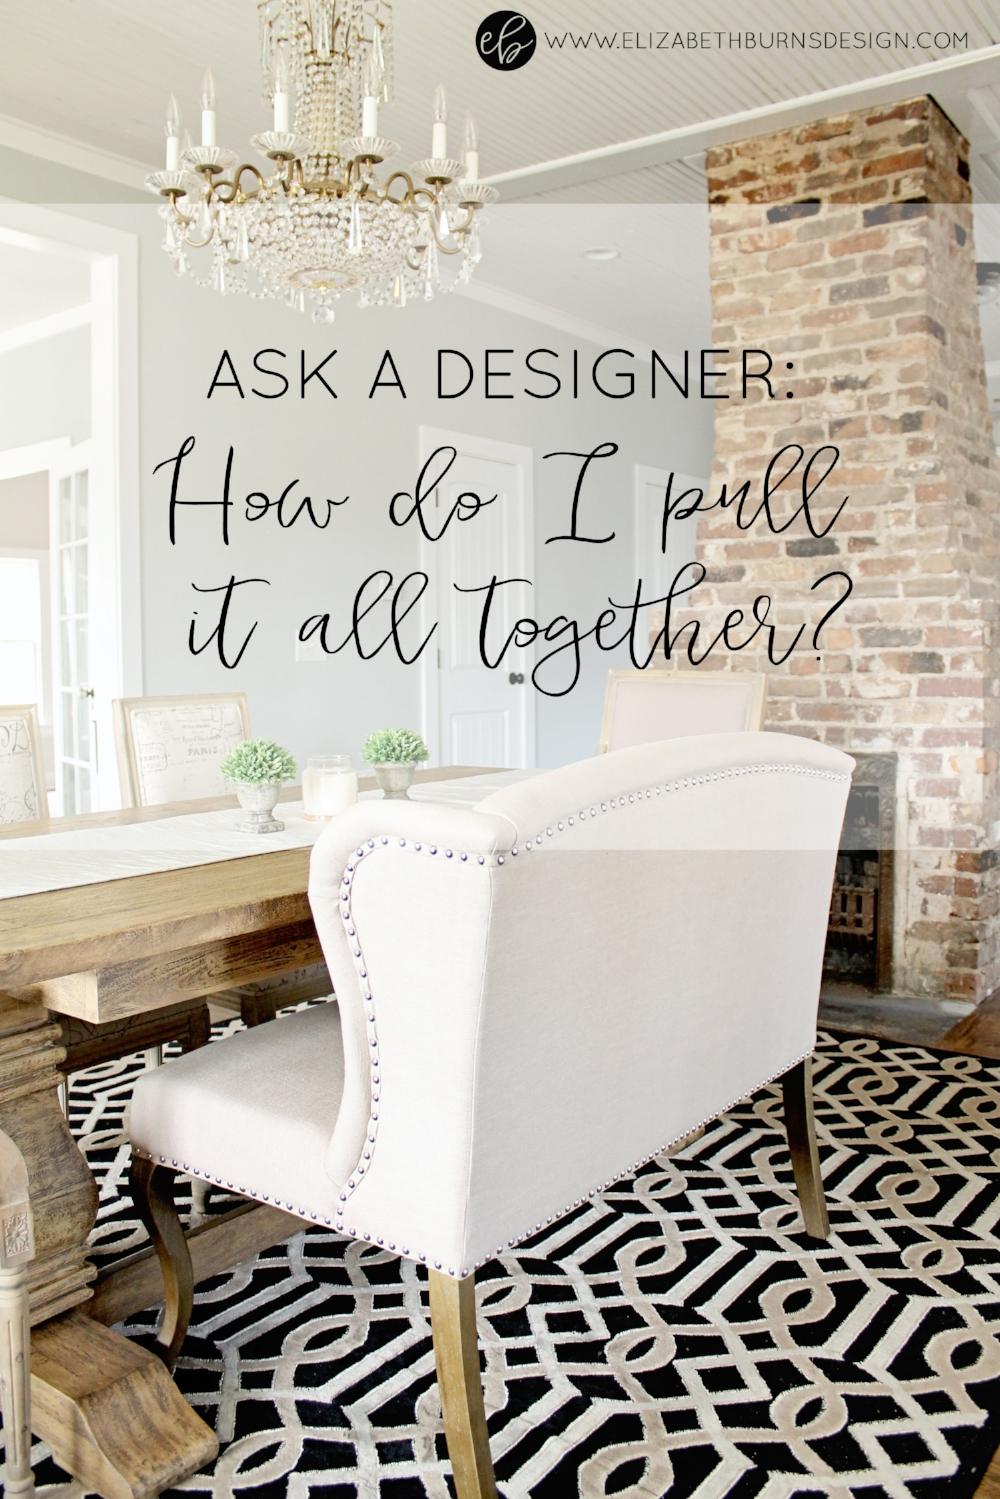 Elizabeth Burns Design | Ask a Designer - How Do I Pull It All Together? DIY Interior Design